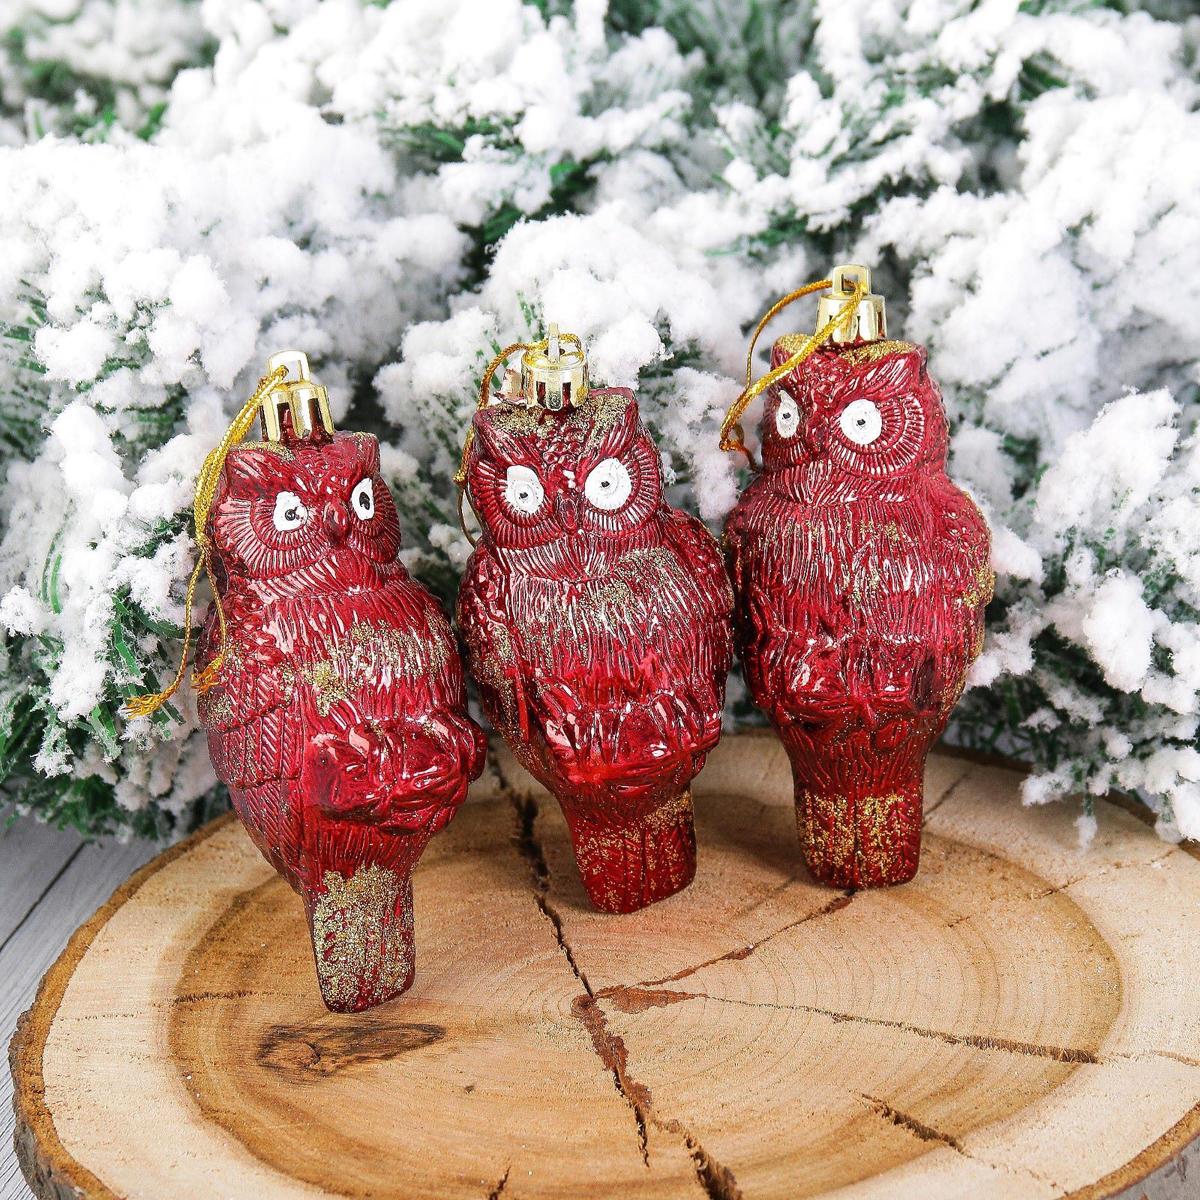 Набор новогодних подвесных украшений Строгая сова, 9 х 4,5 х 4 см, 3 шт2123059Набор новогодних подвесных украшений отлично подойдет для декорации вашего дома и новогодней ели. С помощью специальной петельки украшение можно повесить в любом понравившемся вам месте. Но, конечно, удачнее всего оно будет смотреться на праздничной елке.Елочная игрушка - символ Нового года. Она несет в себе волшебство и красоту праздника. Такое украшение создаст в вашем доме атмосферу праздника, веселья и радости.